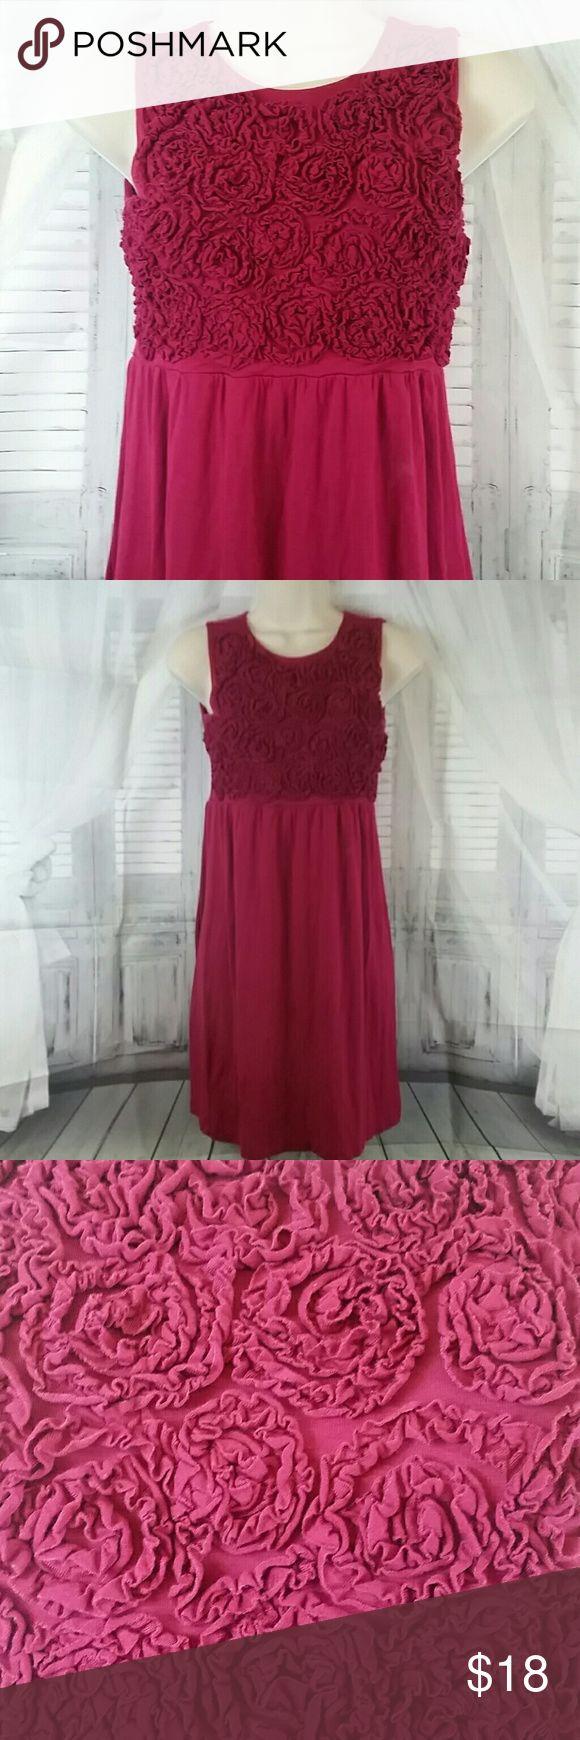 Fuschia Rose Pattern Mini Dress Fuschia Rose Pattern Mini Dress EUC Size Petite Small Dresses Mini